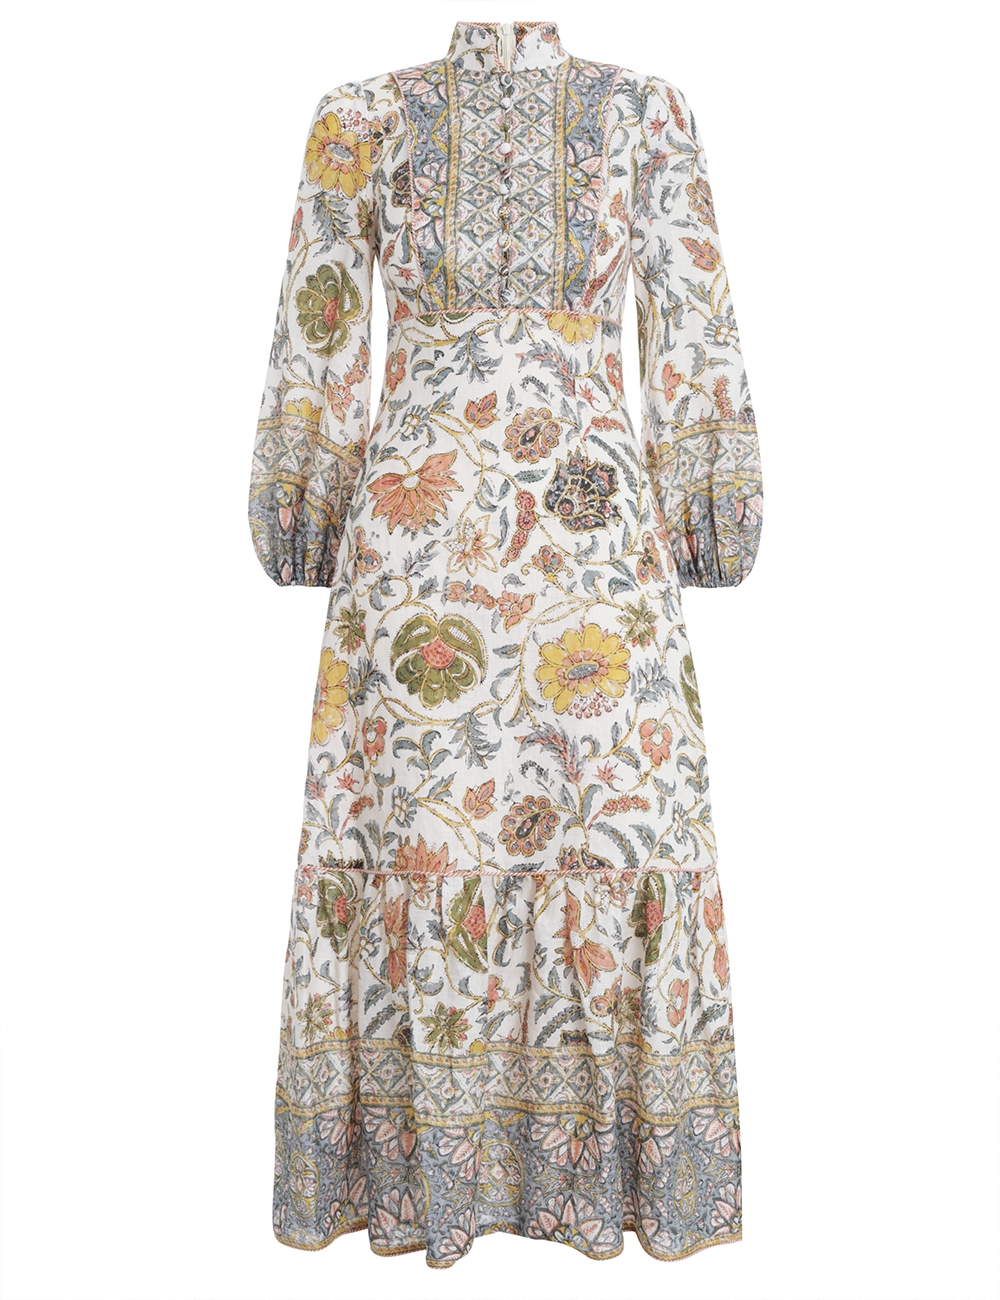 Edie Border High Neck Dress